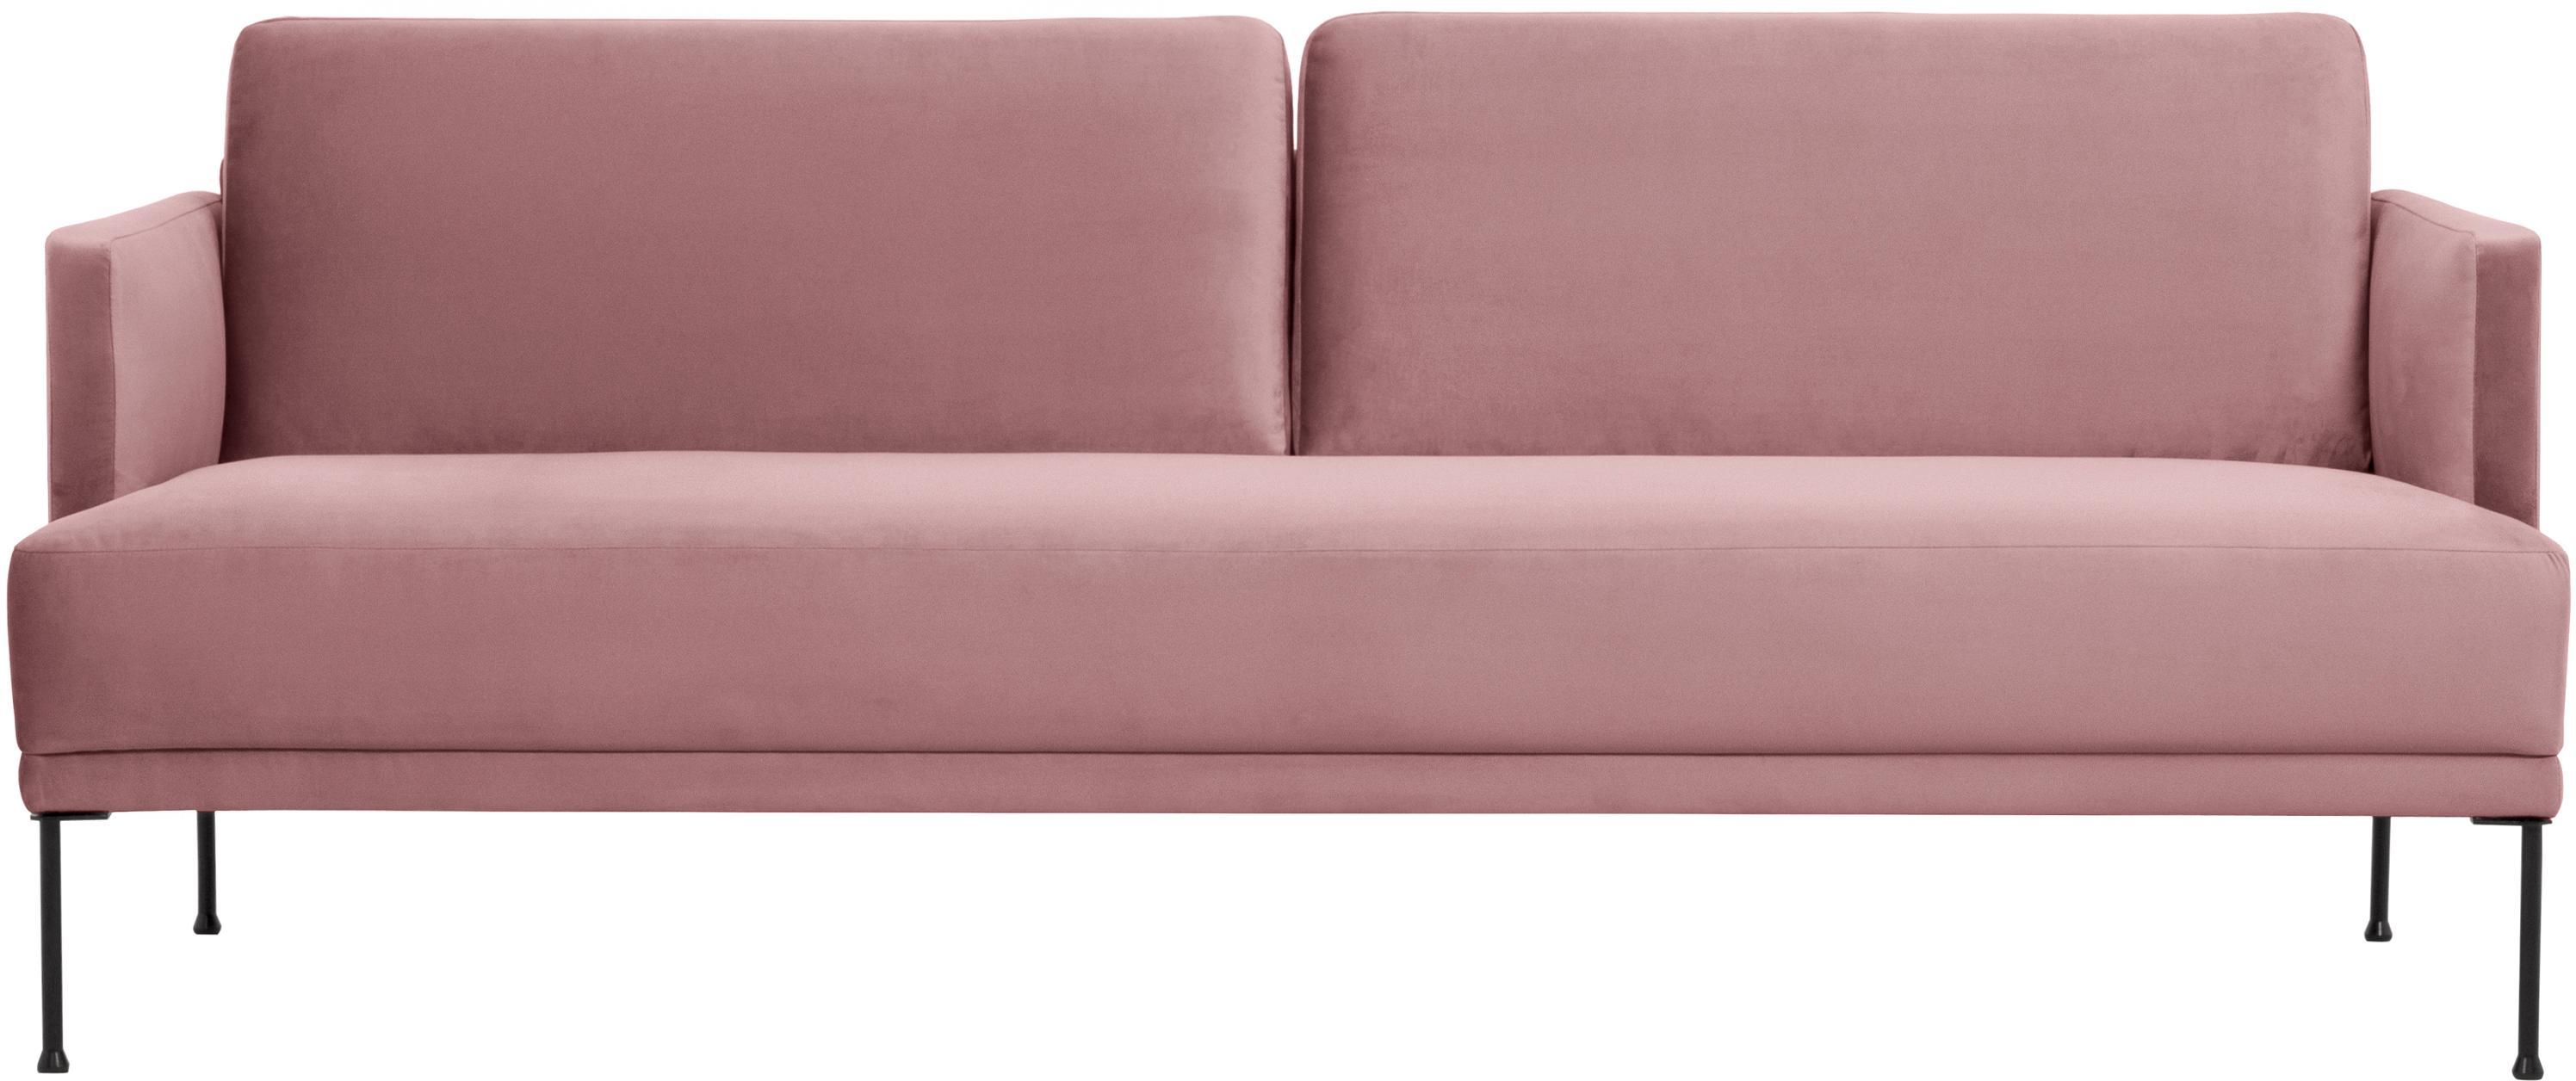 Samt-Sofa Fluente (3-Sitzer), Bezug: Samt (Hochwertiger Polyes, Gestell: Massives Kiefernholz, Füße: Metall, pulverbeschichtet, Samt Rosa, B 196 x T 85 cm